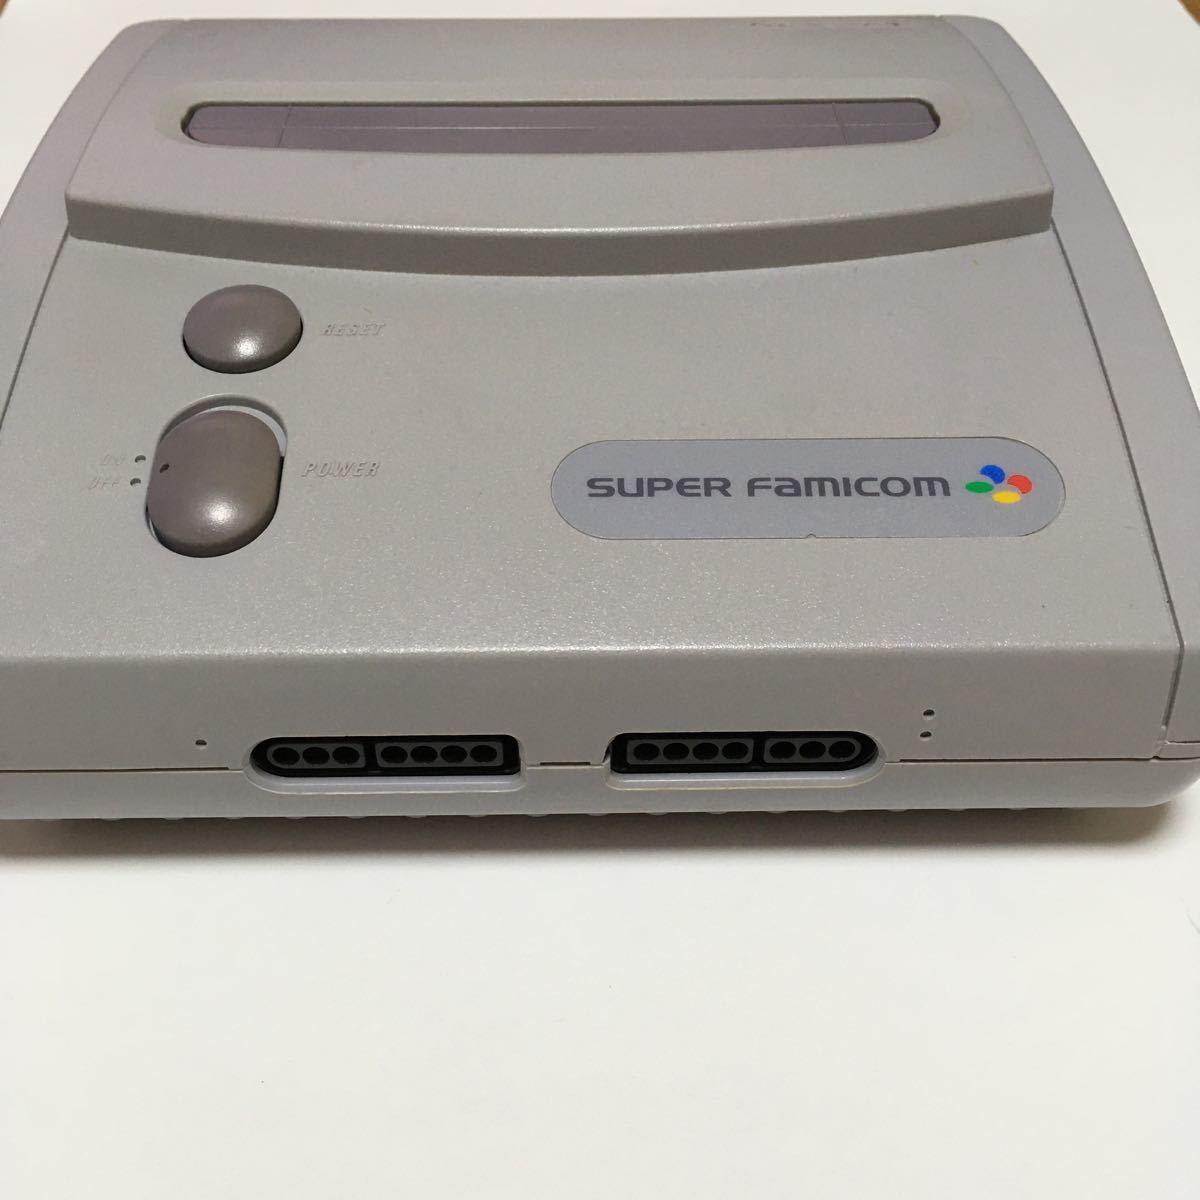 スーパーファミコンジュニア スーパーファミコンJr 任天堂 本体のみ 動作確認済み レトロ ゲーム 希少 プレミア スーファミ